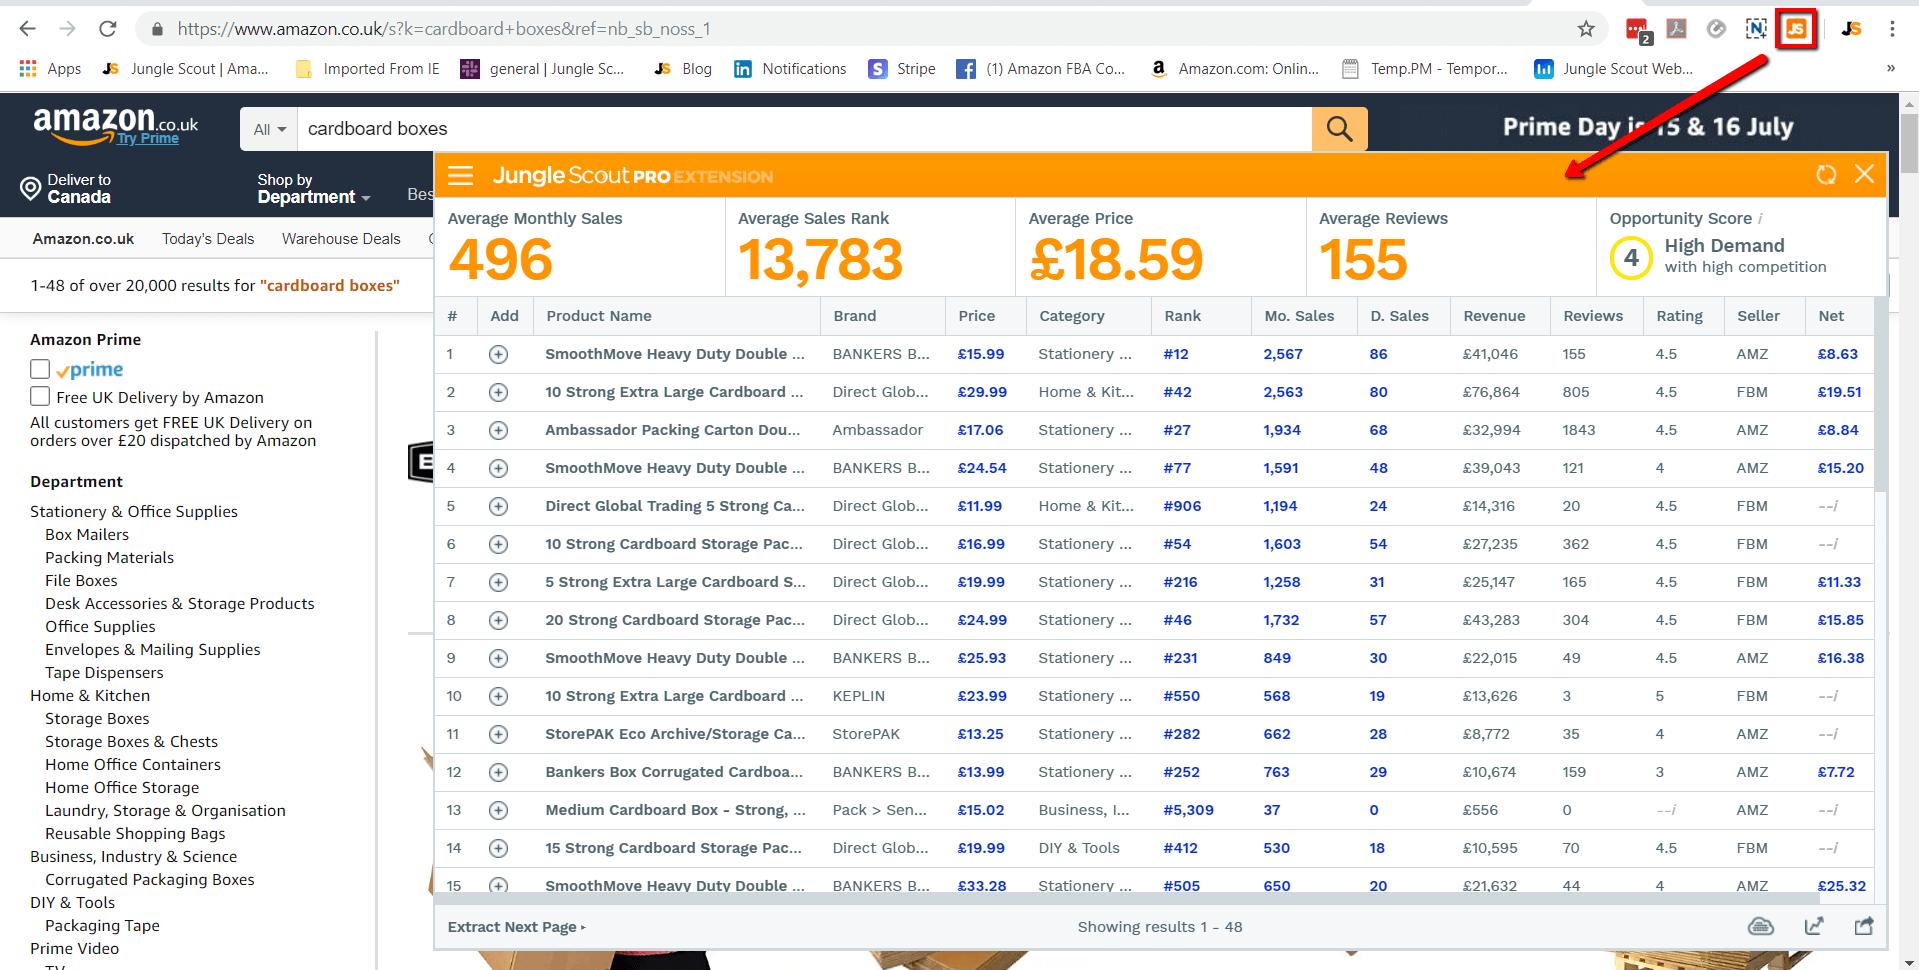 Extension open on amazon.co.uk